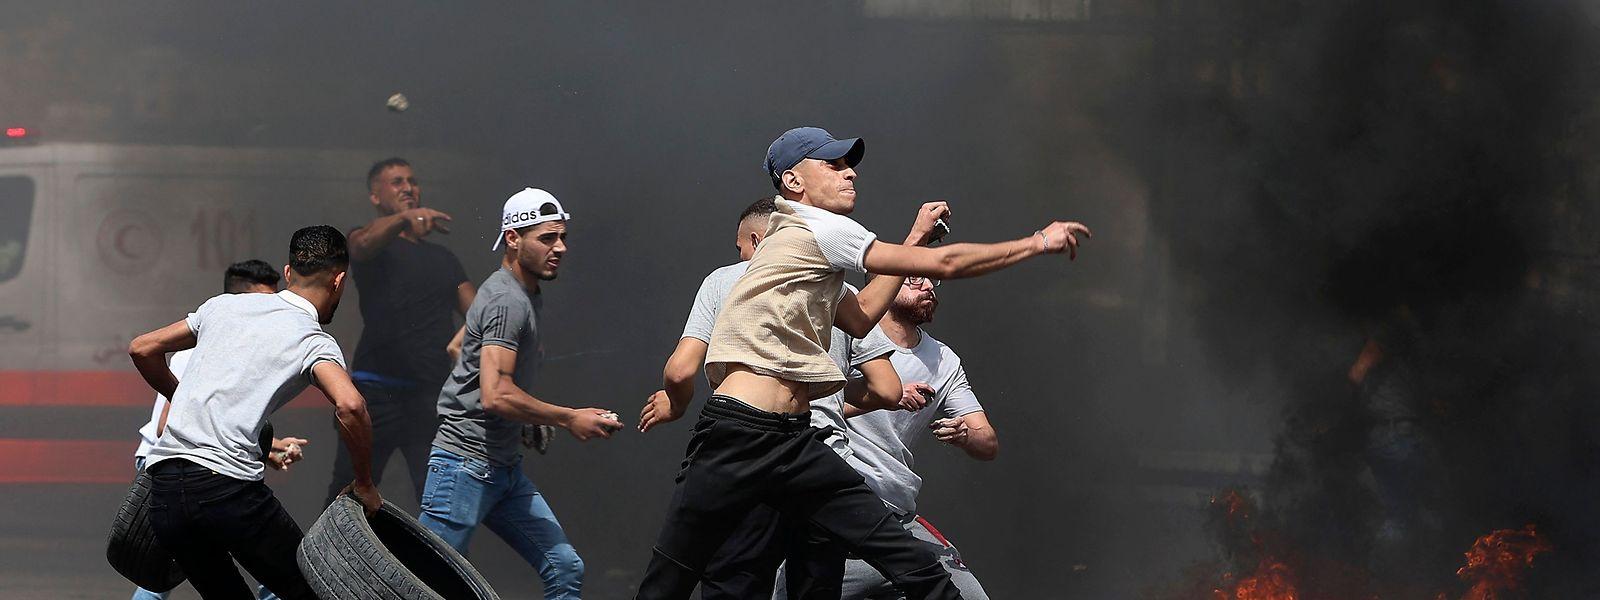 Palästinensische Demonstranten werfen am Freitag mit Steinen auf die Sicherheitskräfte.